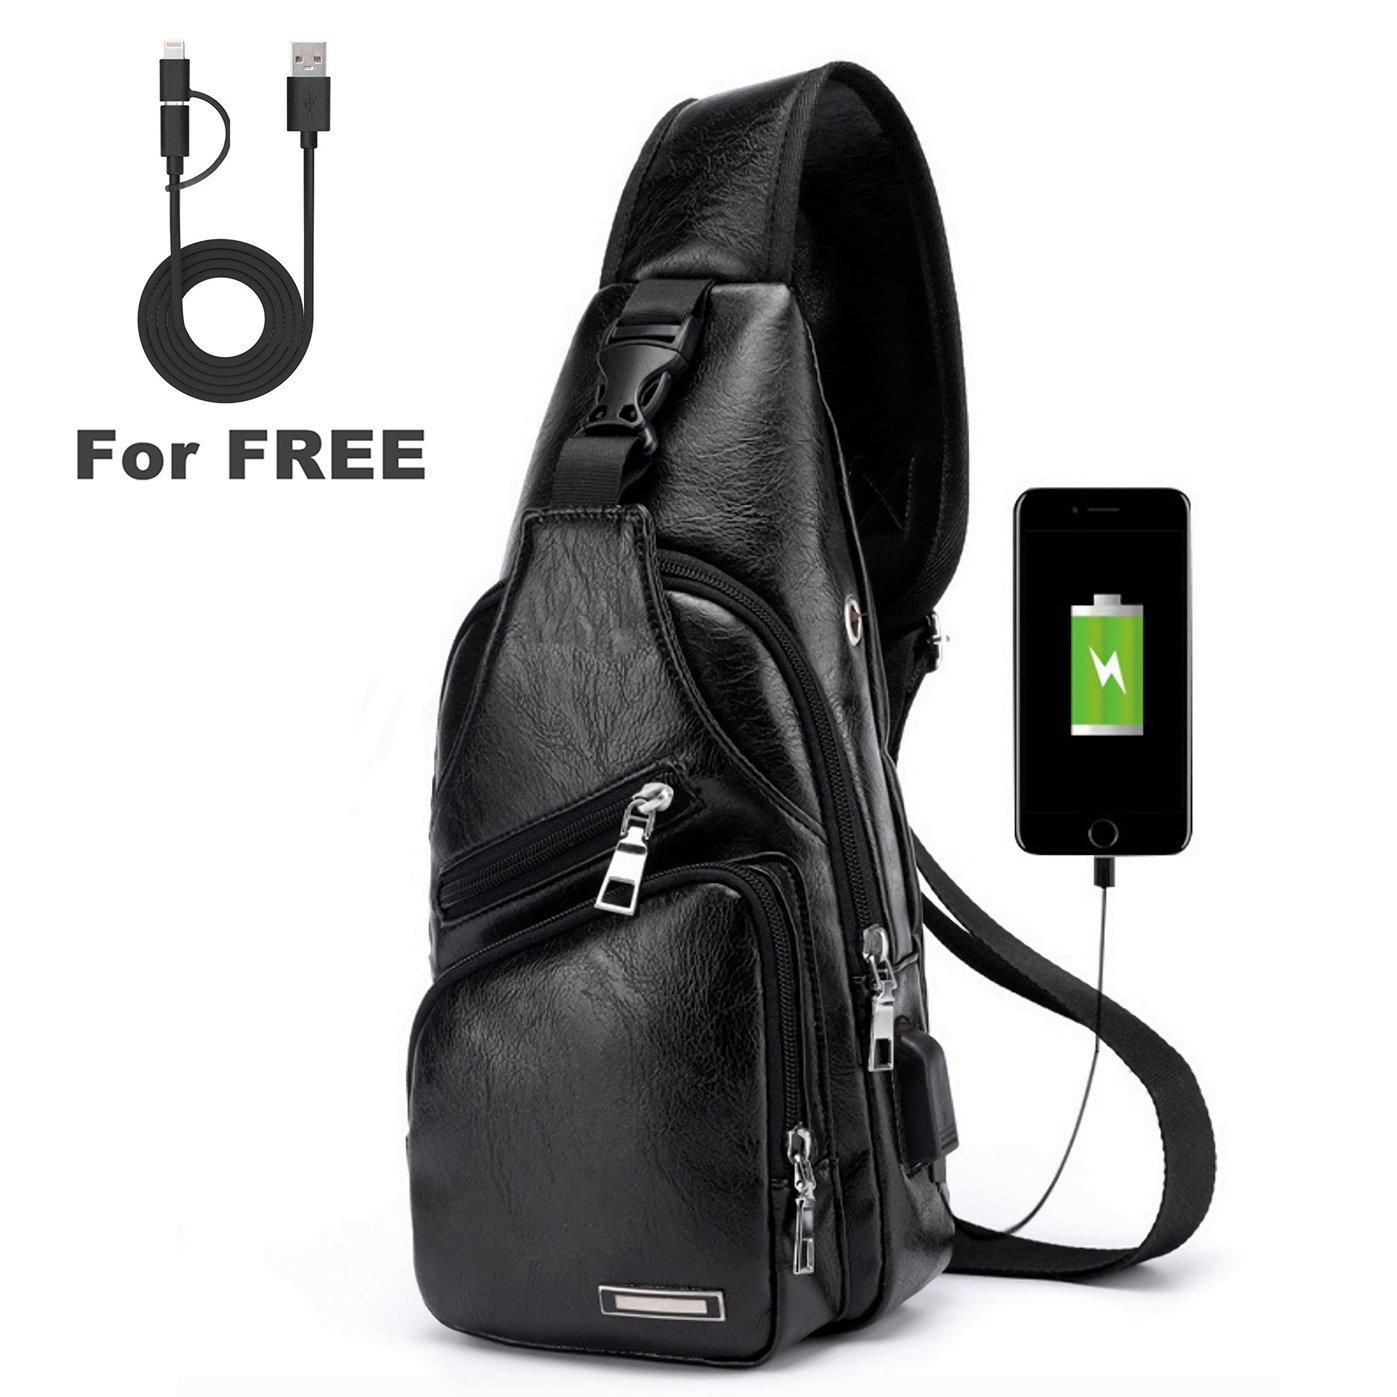 ElkIsComing Sling Bag Sac de Coffre avec USB Ports de Chargement Bandoulière PU Cuir pour Homme Femme Léger Randonnée Sac à Dos de Voyage Noir